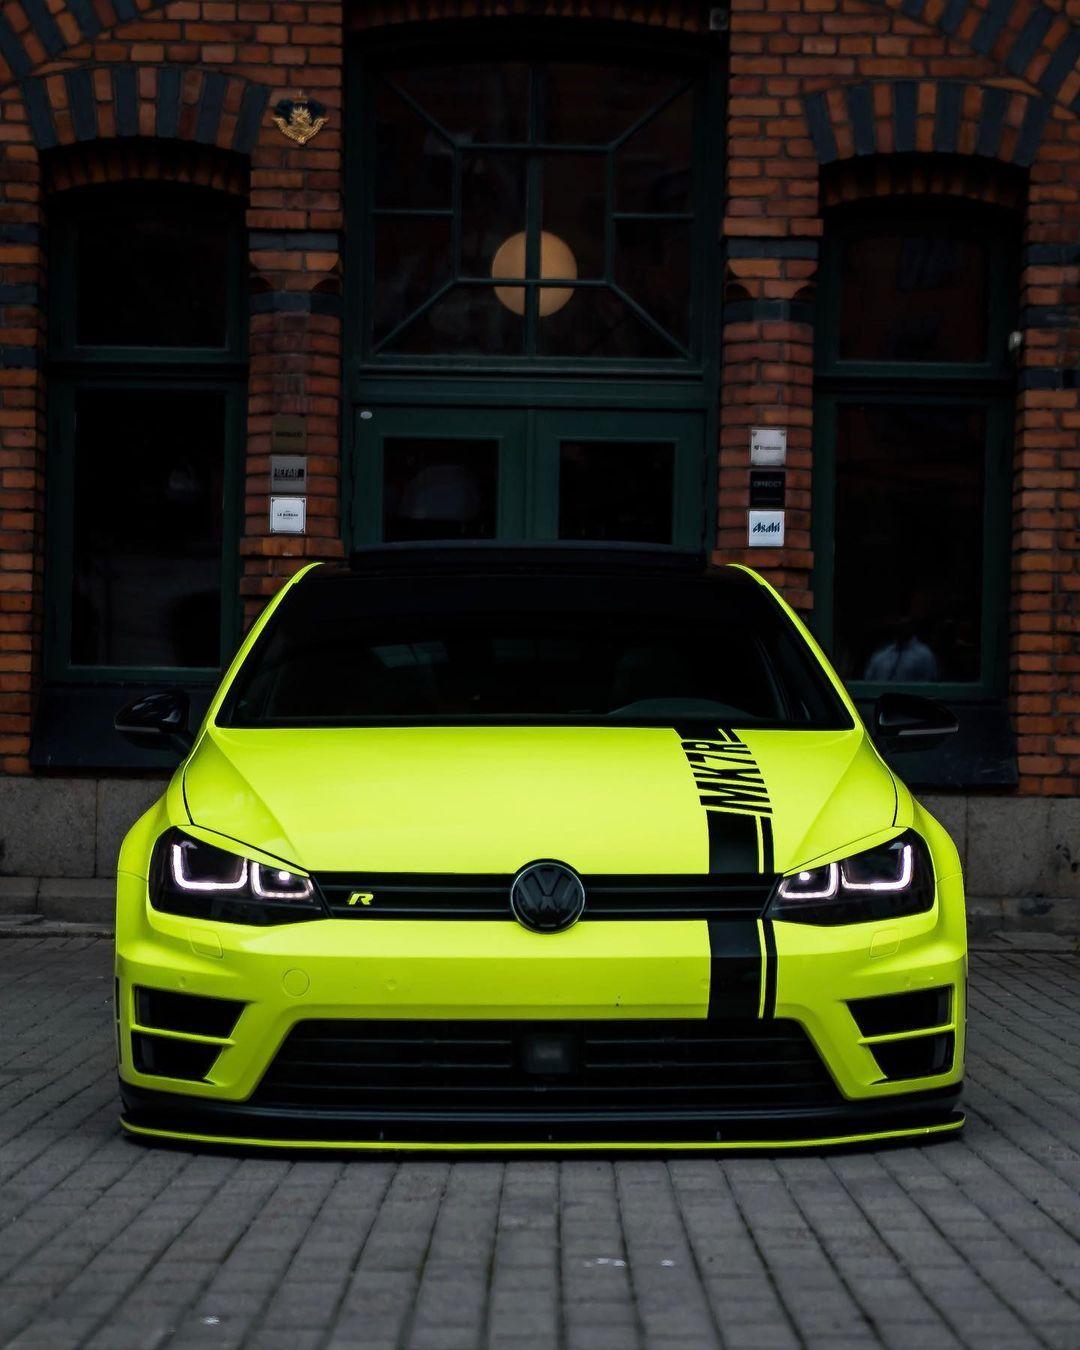 Volkswagen Volkswagen Golf Mk2 Volkswagen Luxury Cars Bmw Volkswagen sports car tuning front view